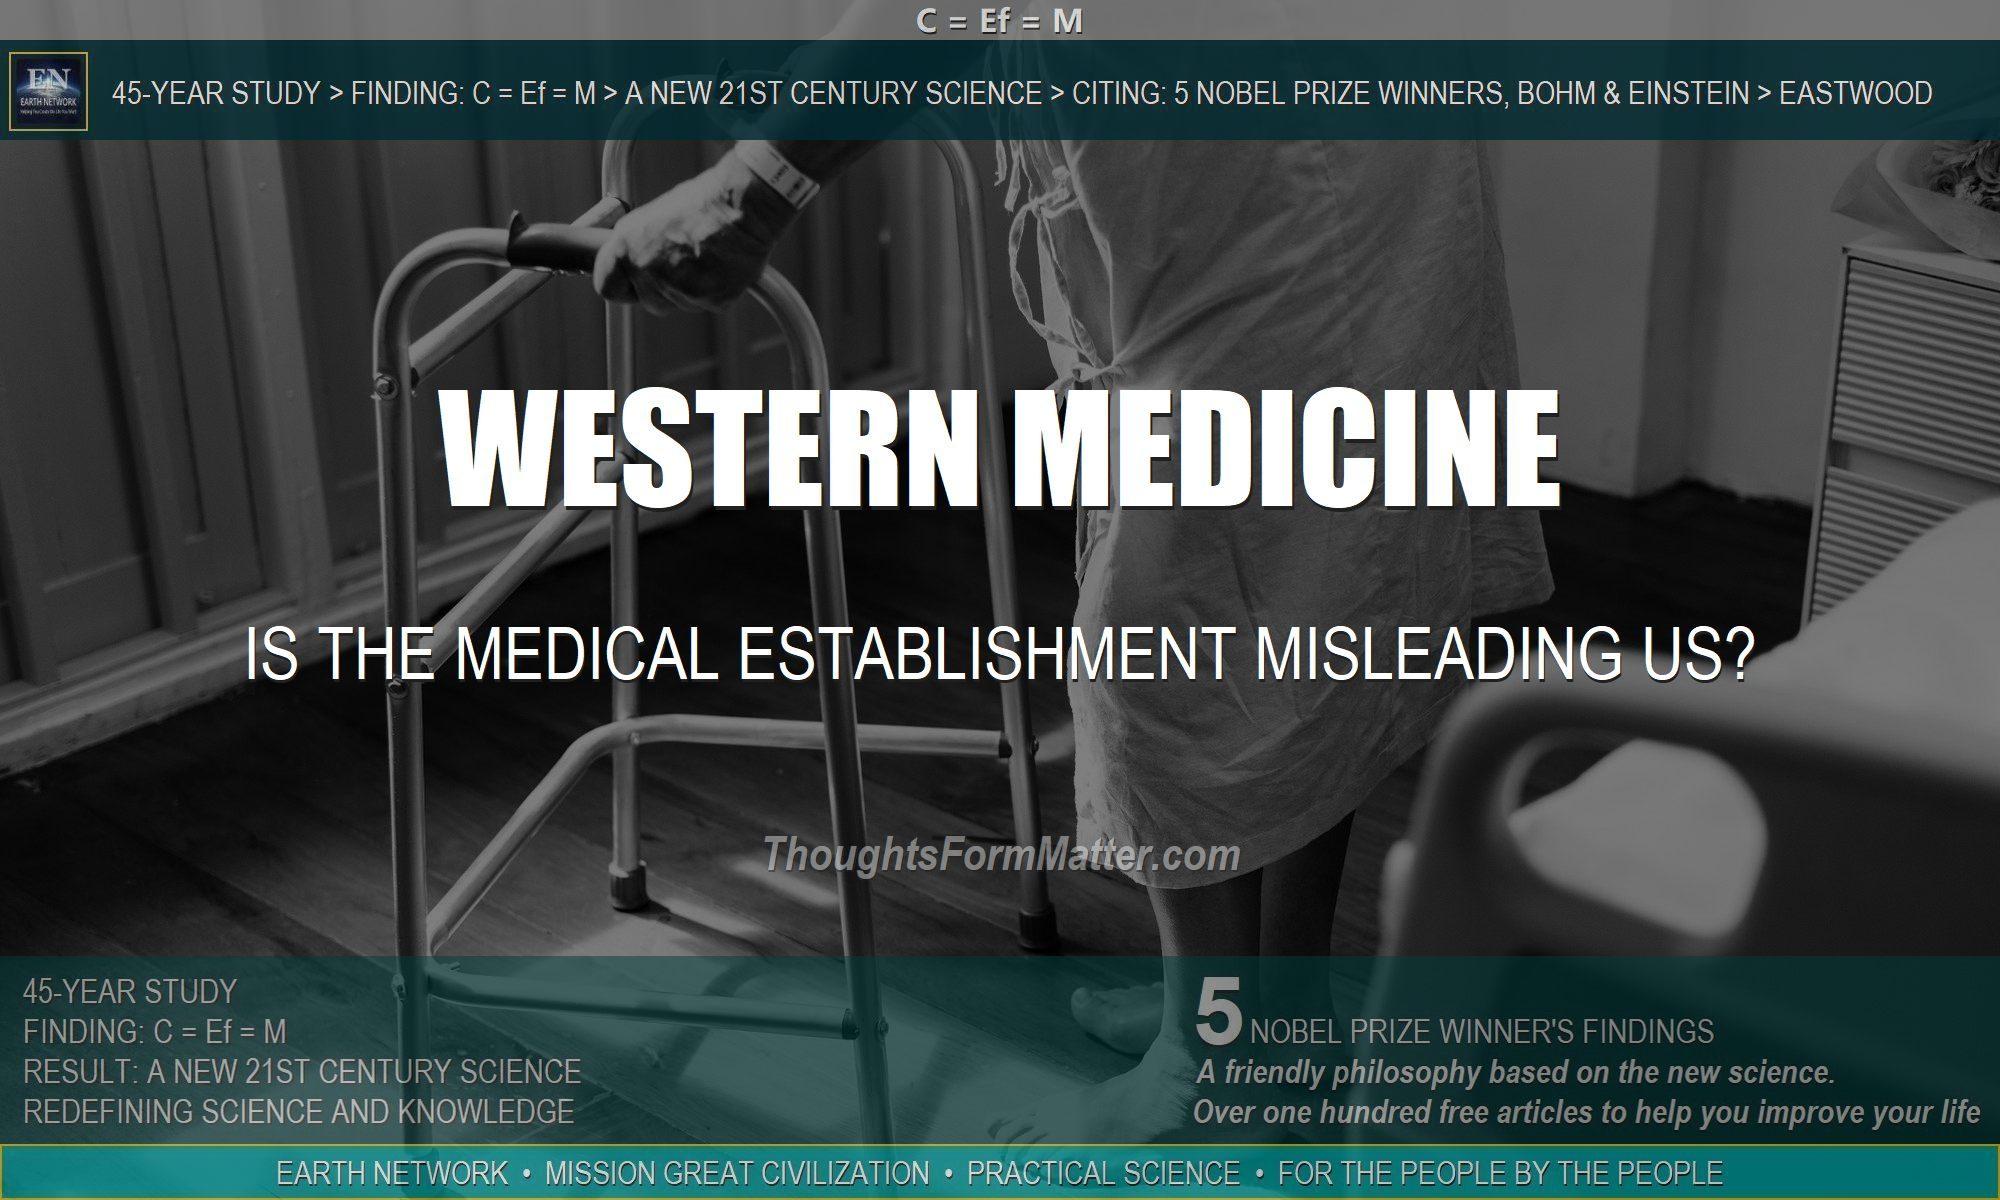 Sick man depicts danger of negative thoughts. Western medicine is based on a false negative premise.